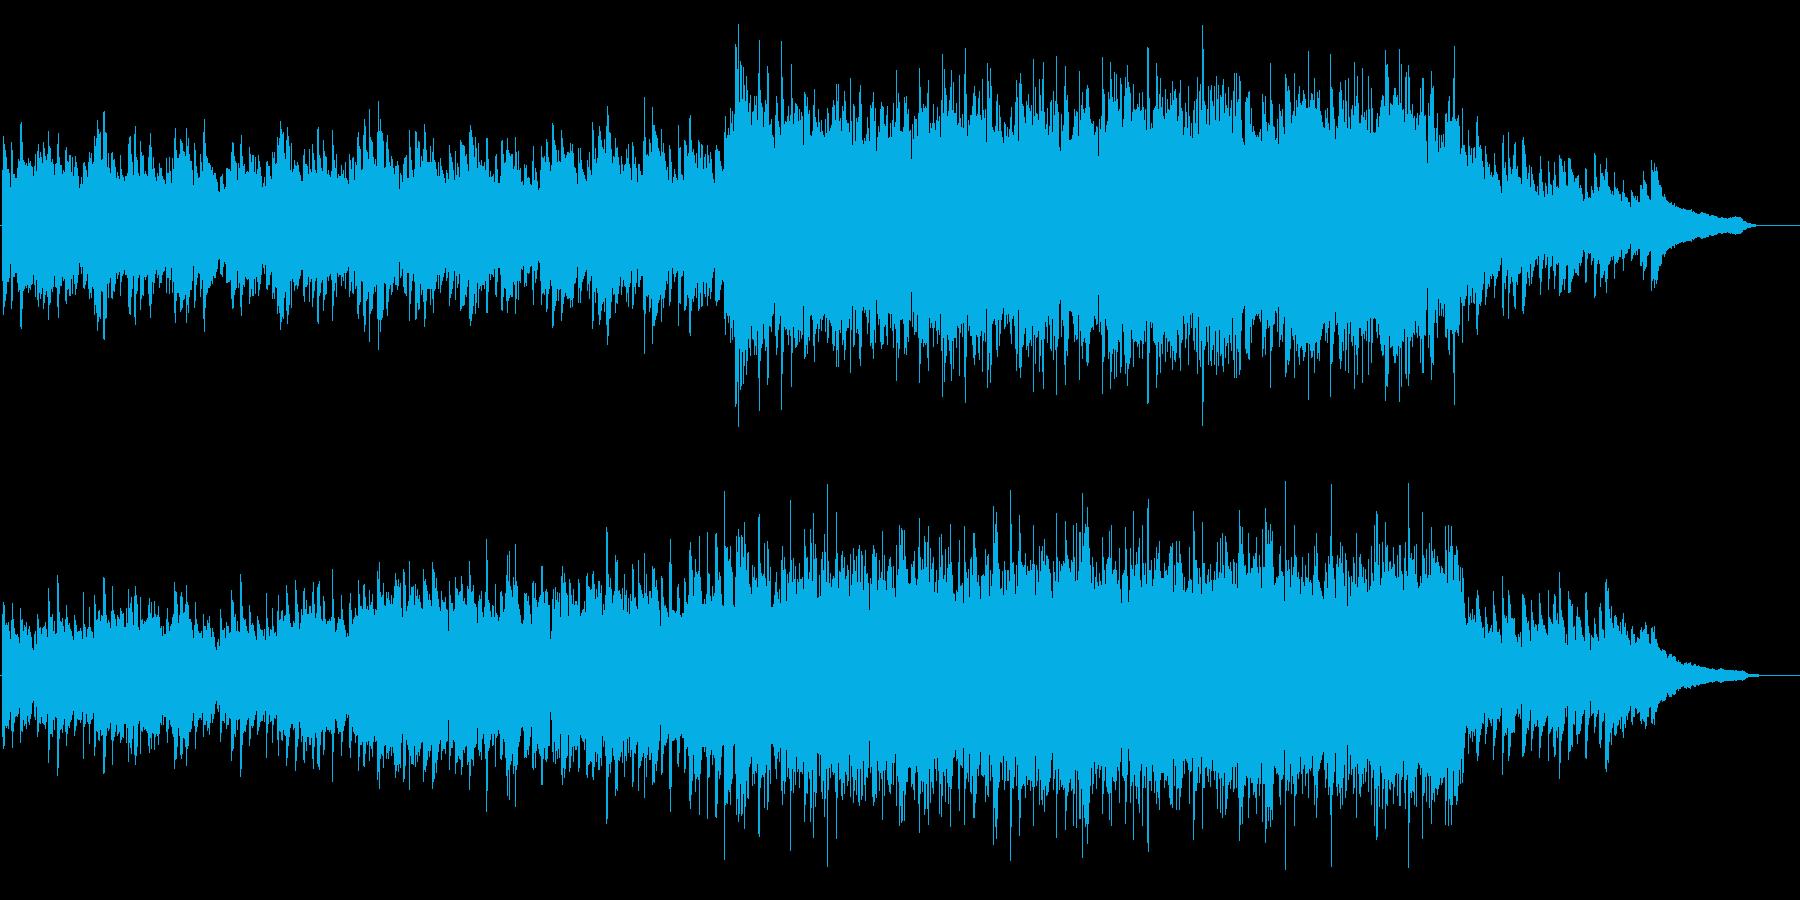 VP13、感動的なピアノ&オーケストラの再生済みの波形